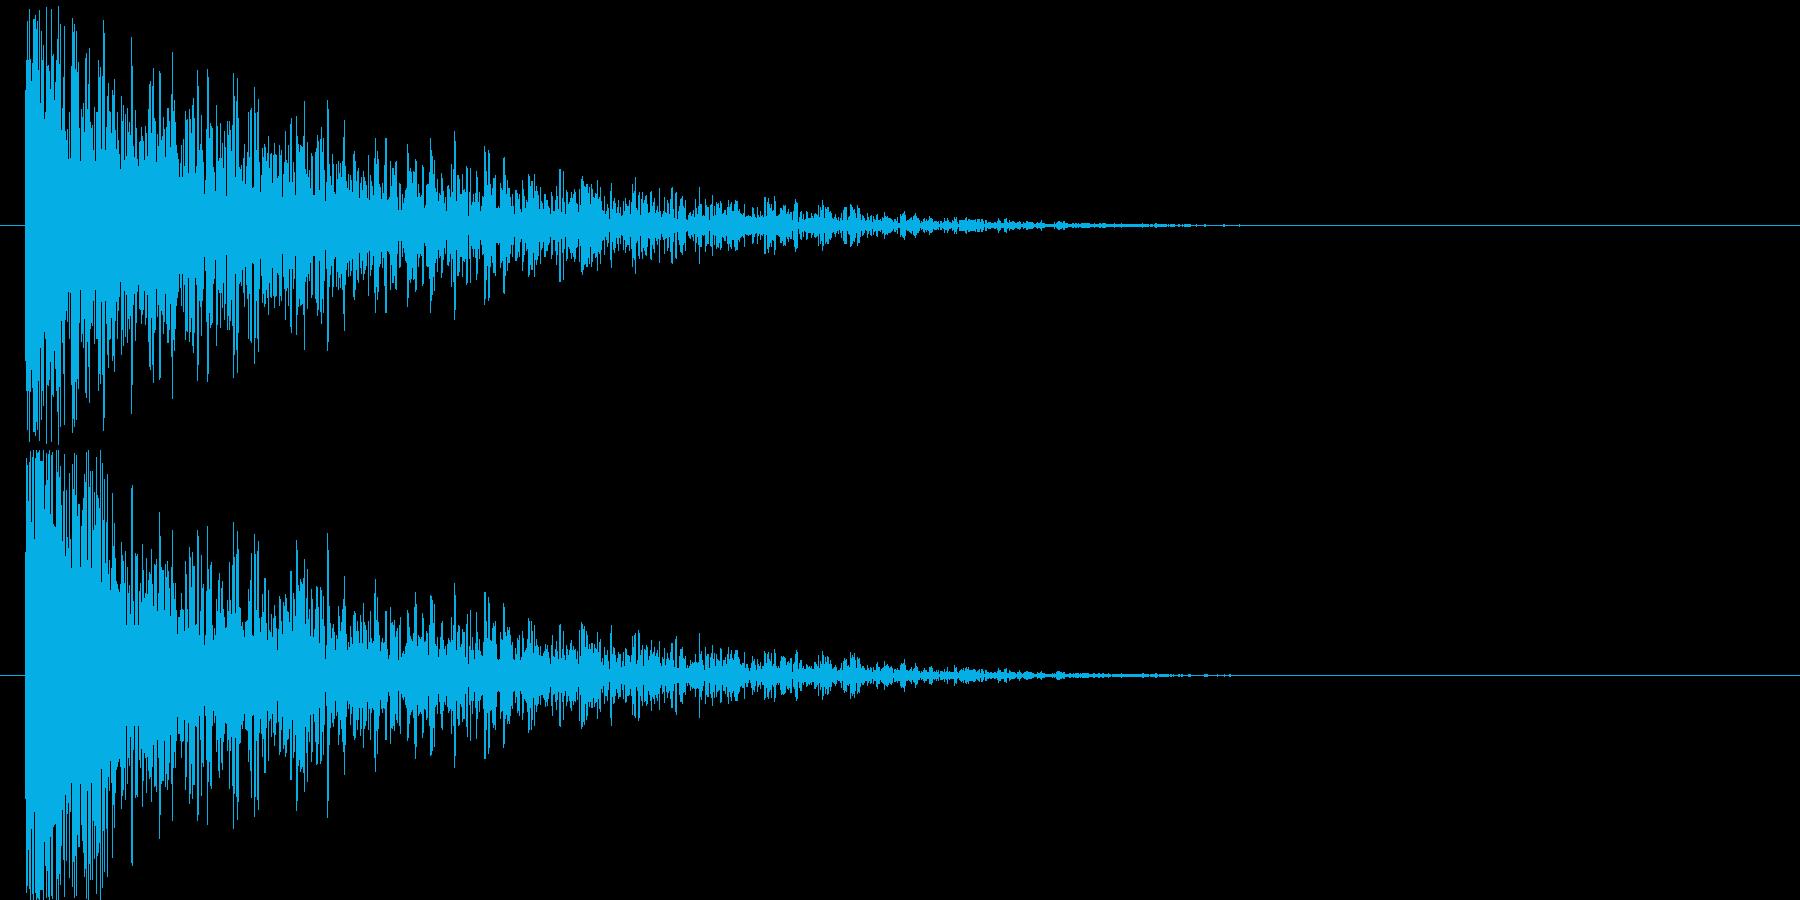 爆発音と裂ける音はが混ざった感じの再生済みの波形